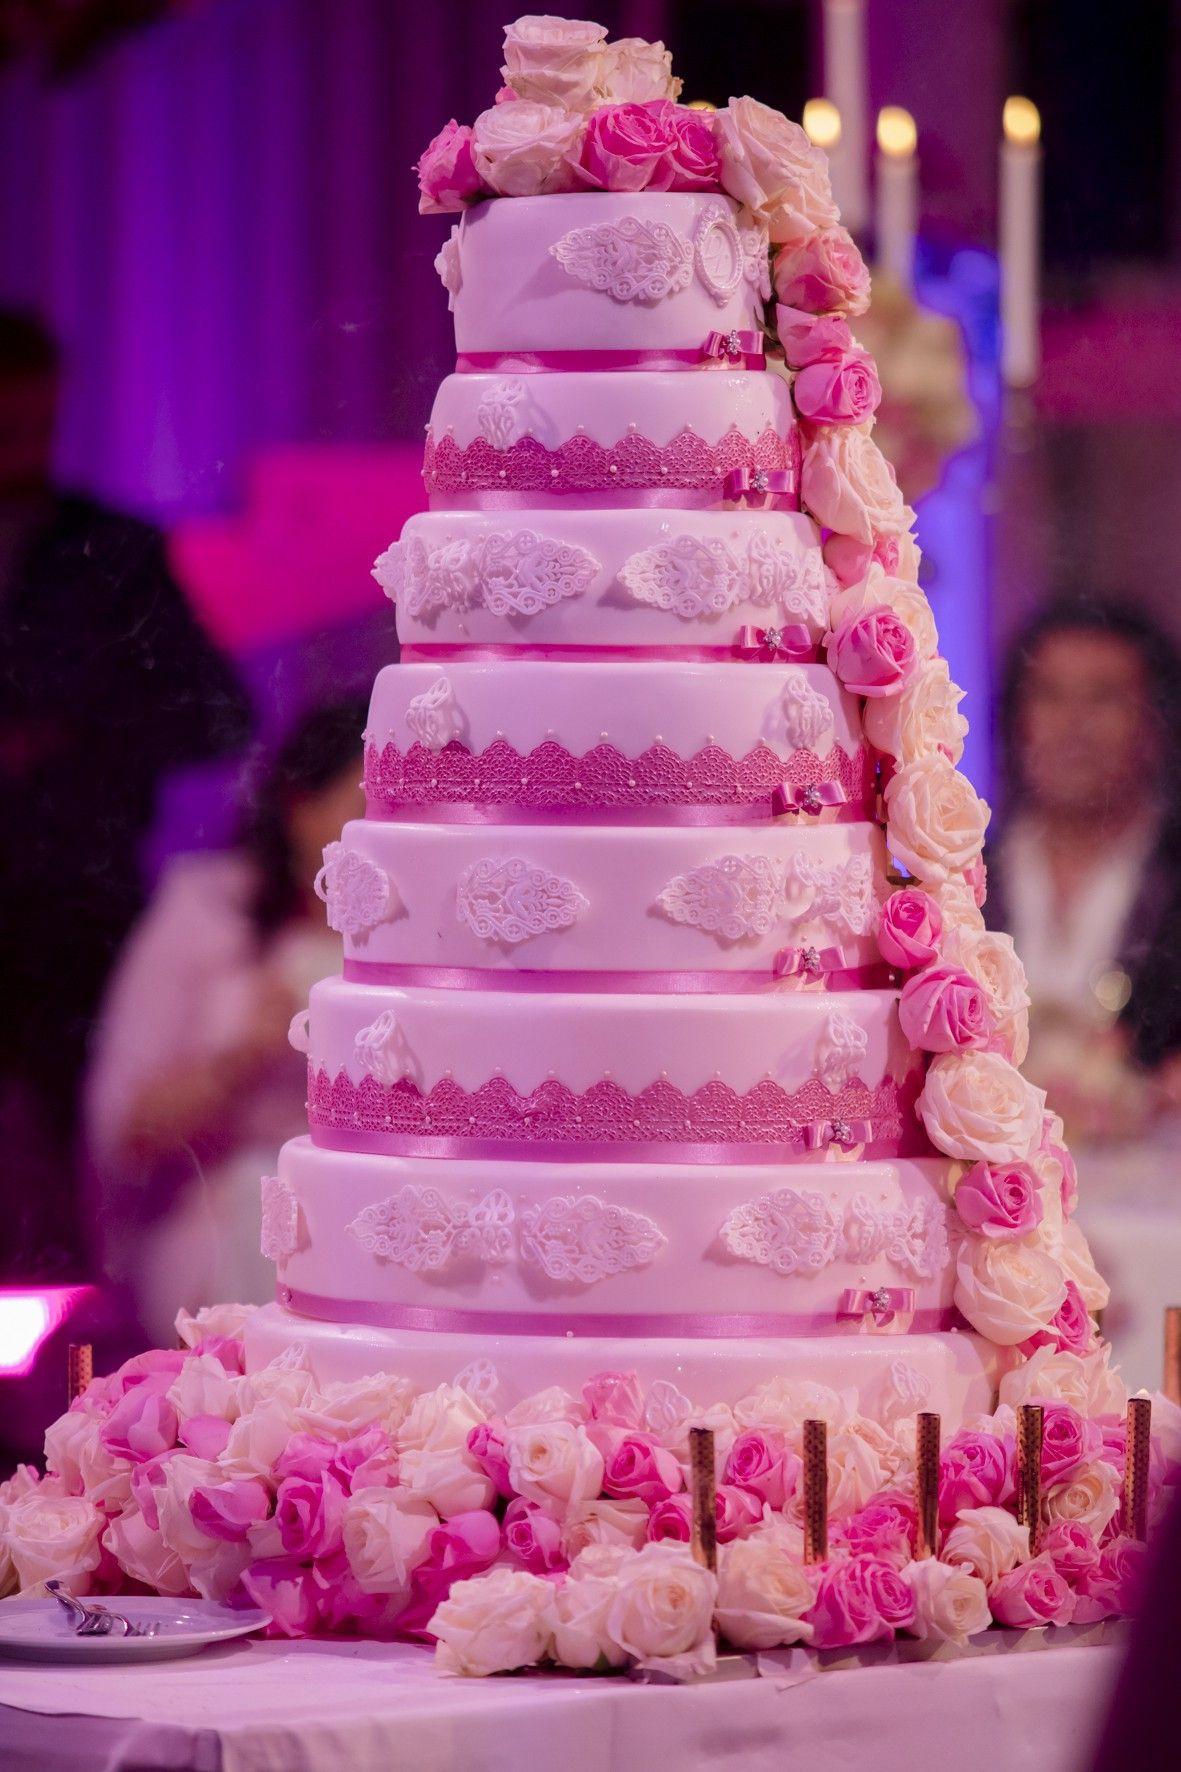 Eine achtstöckige Hochzeitstorte gab es ebenfalls.